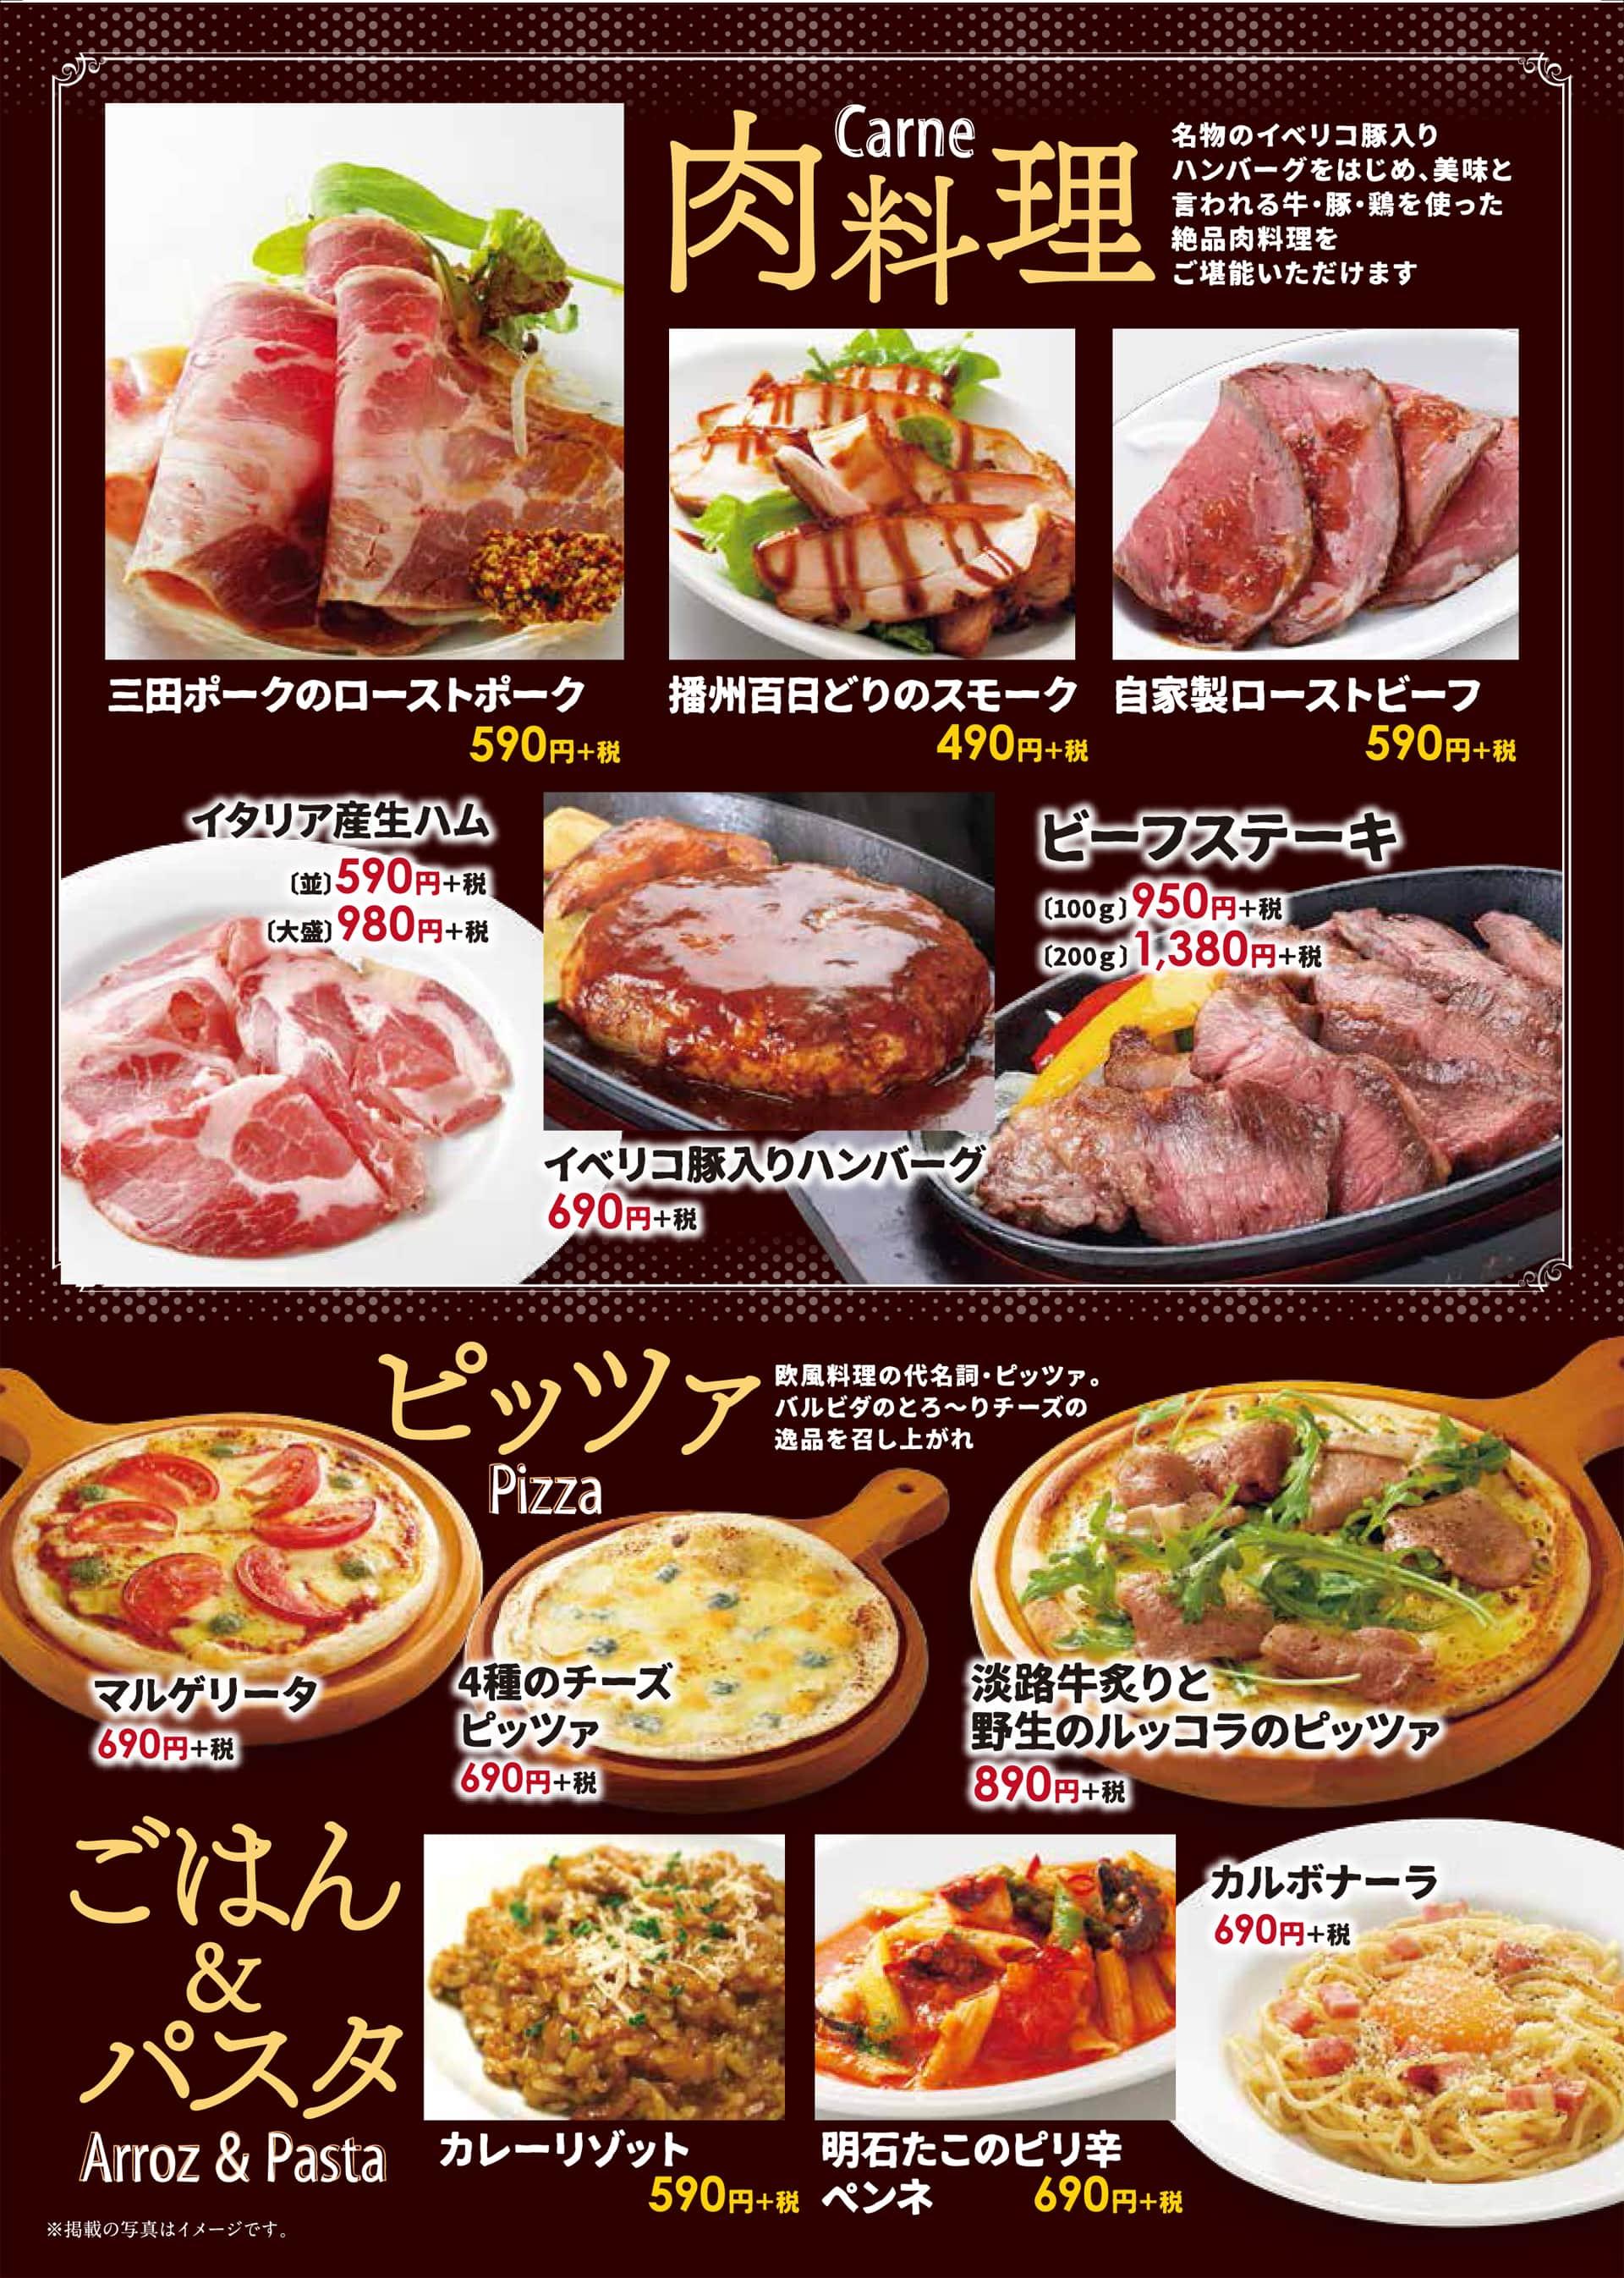 BarVida 肉料理・ピッツァ・ごはん&パスタ